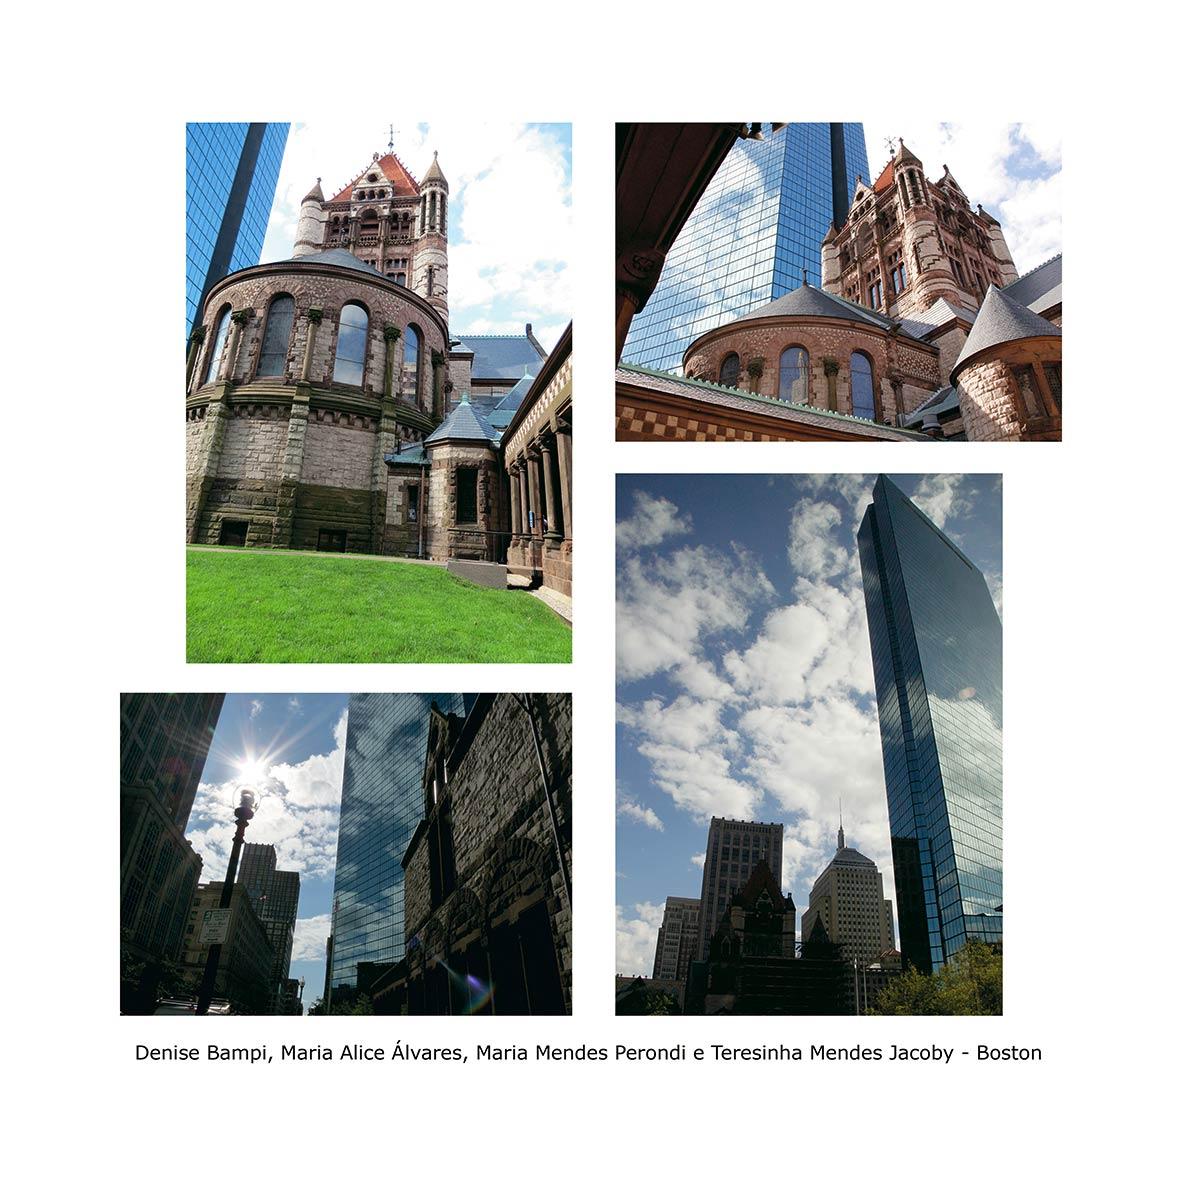 Denise-Bampi,-Maria-Alice-Álvares,-Maria-Mendes-Perondi-e-Terezinha-Mendes-Jacoby---Boston